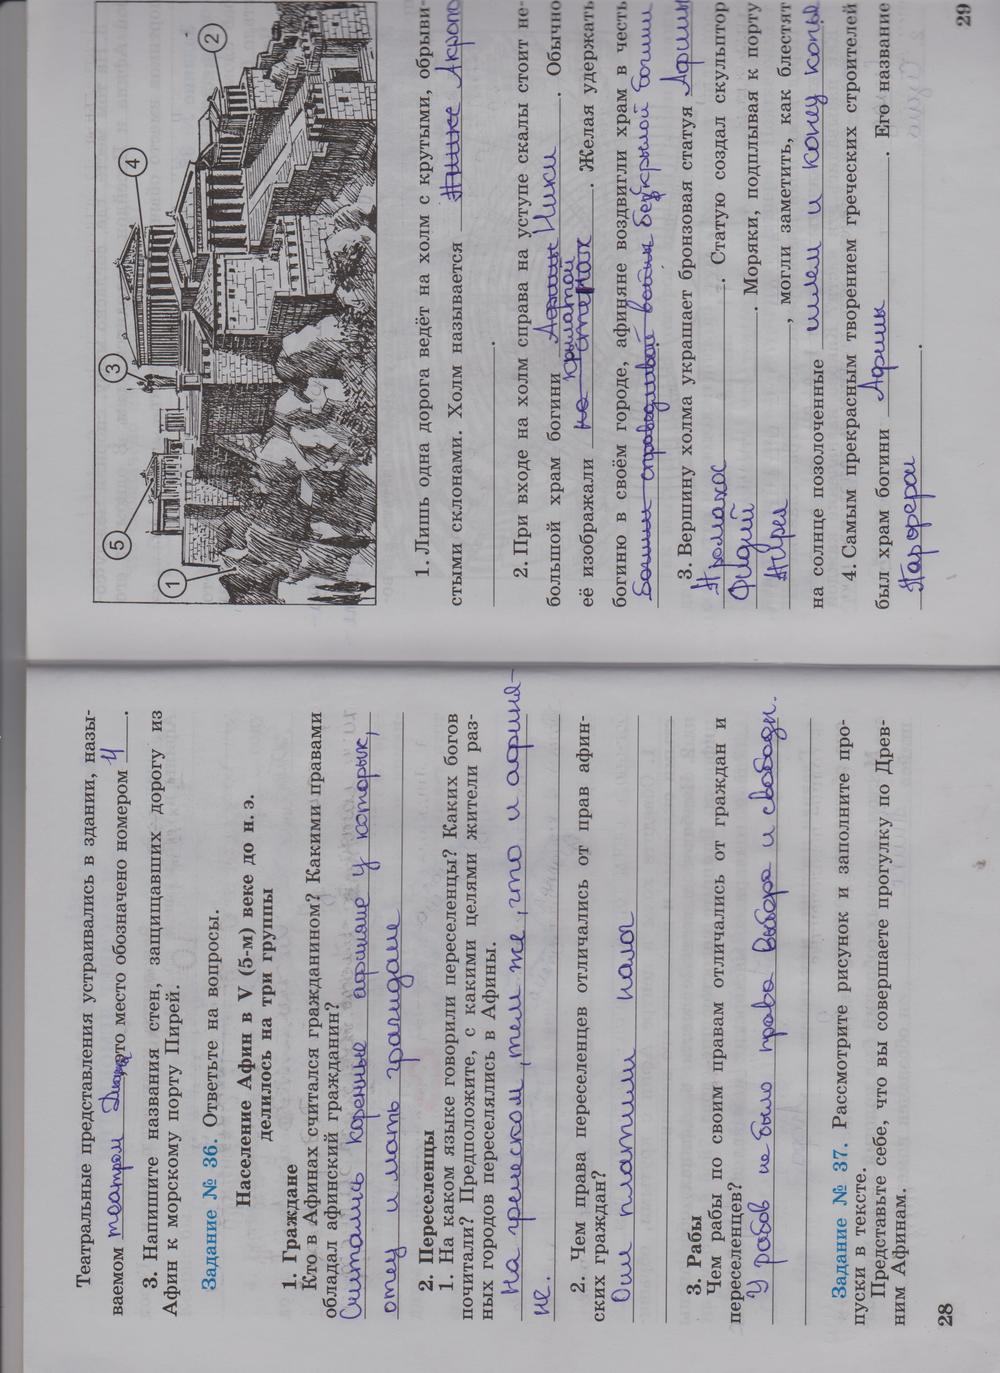 Задание по истории 5 класс по истории задание 74 в тетрадь